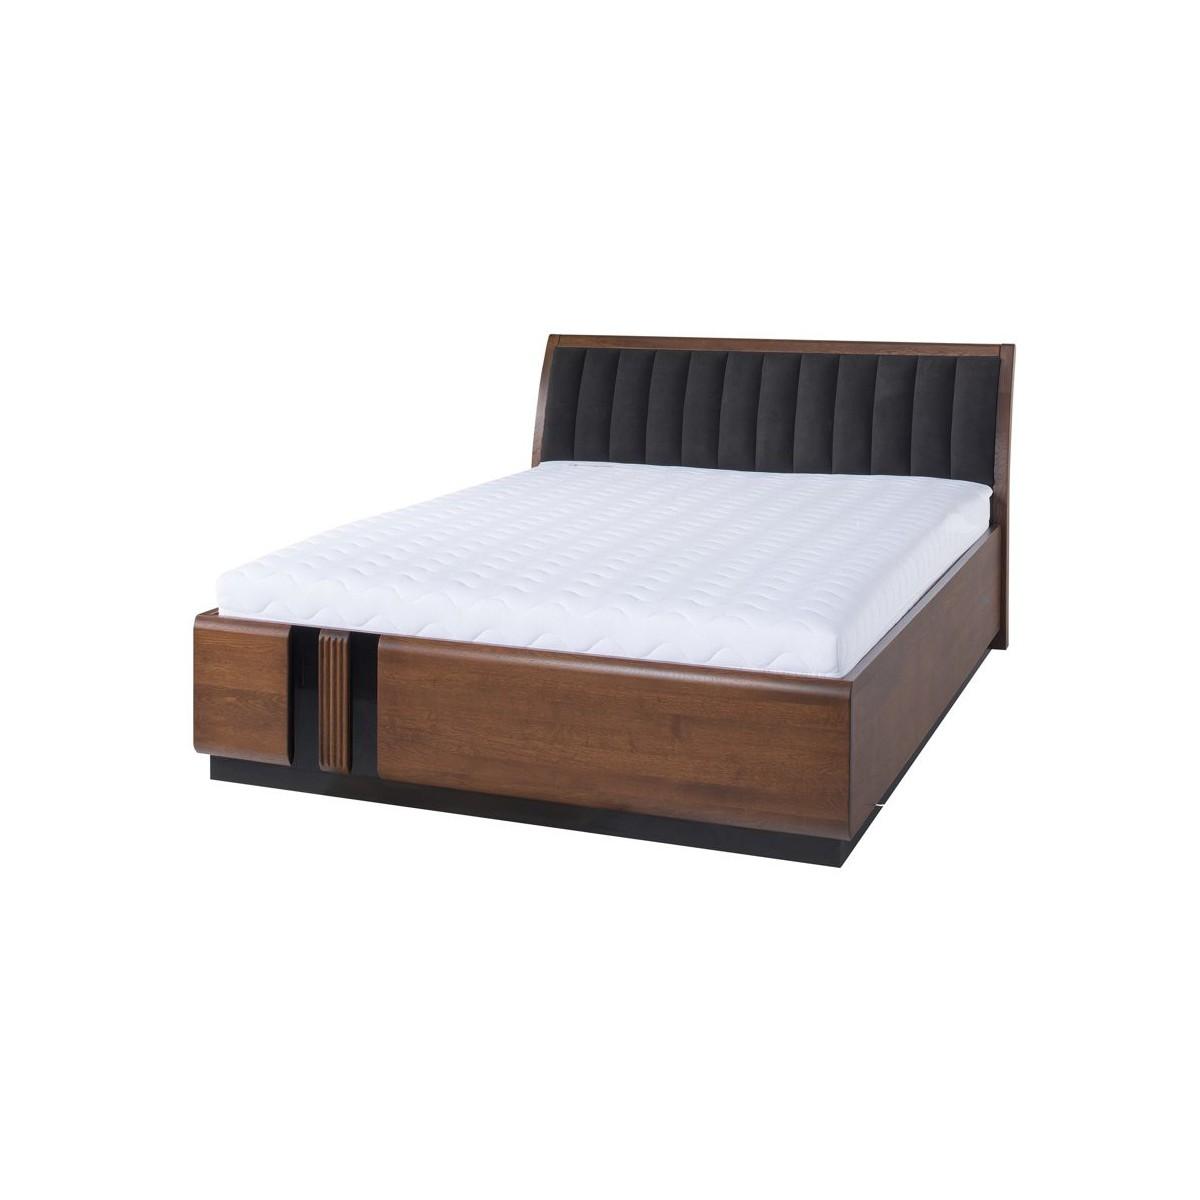 Łóżko 160 cm Porti Typ 76 Dąb Antyczny